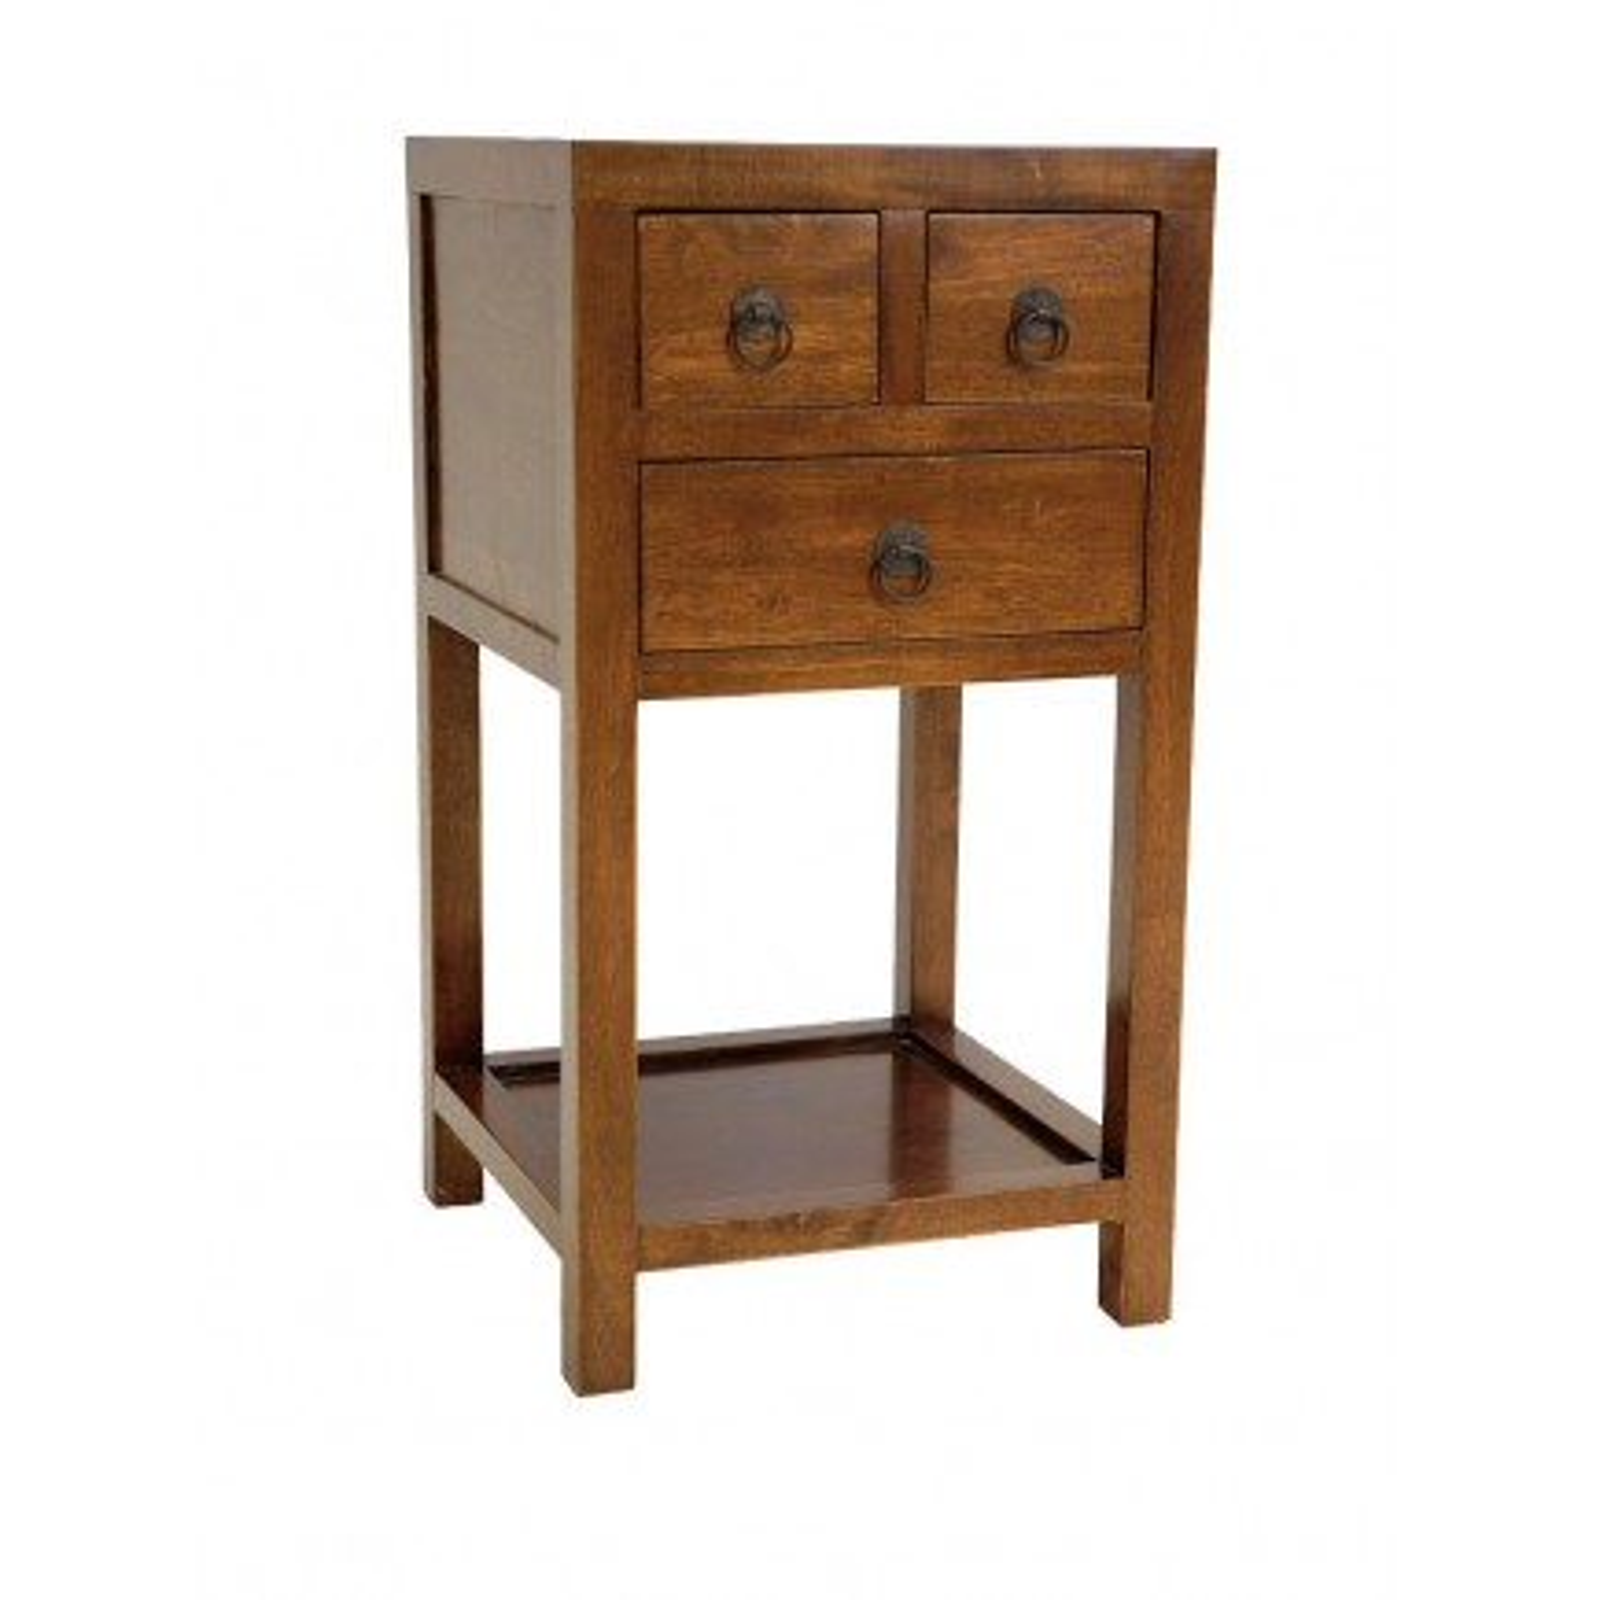 Sellette Tradition Hévéa - meuble style classique